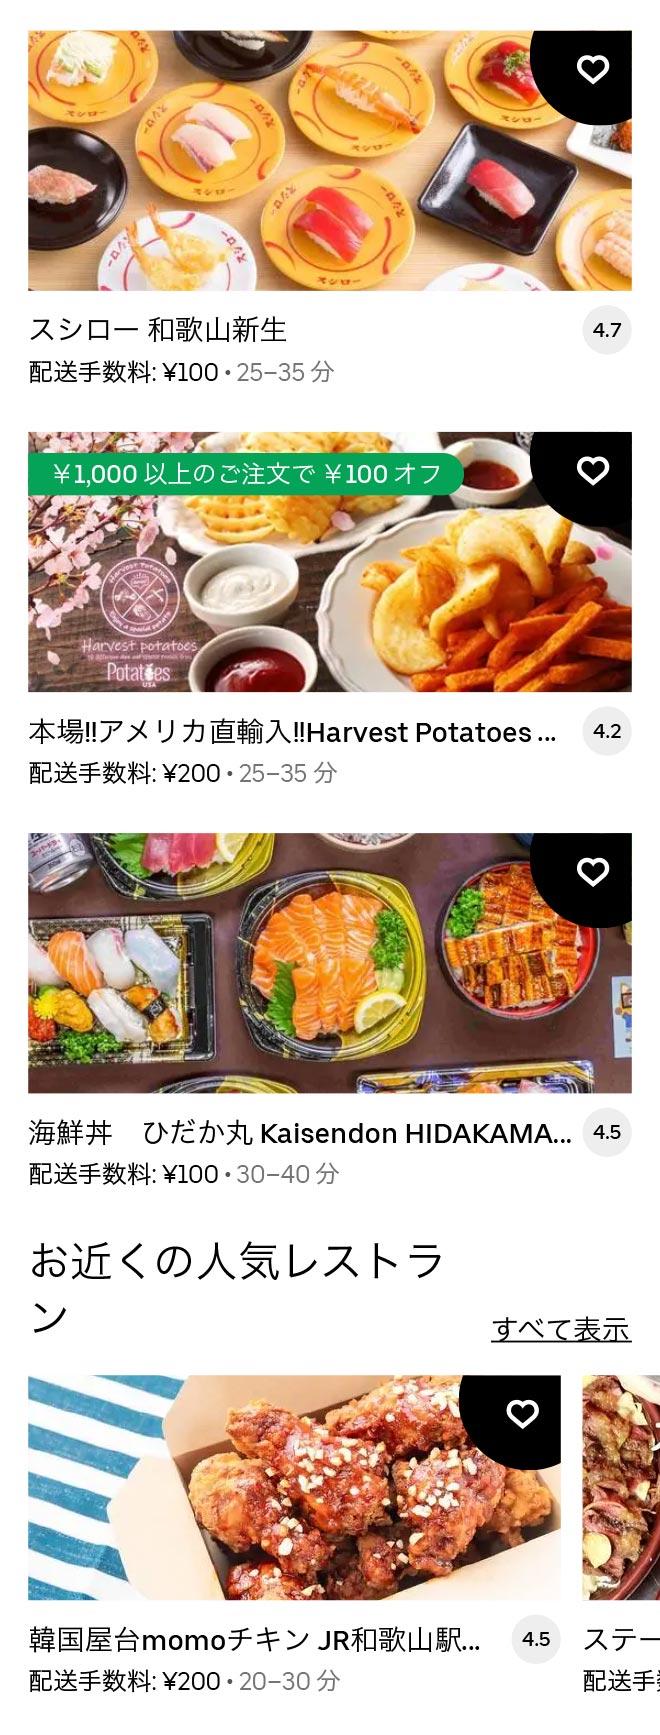 U miyamae menu 2104 05